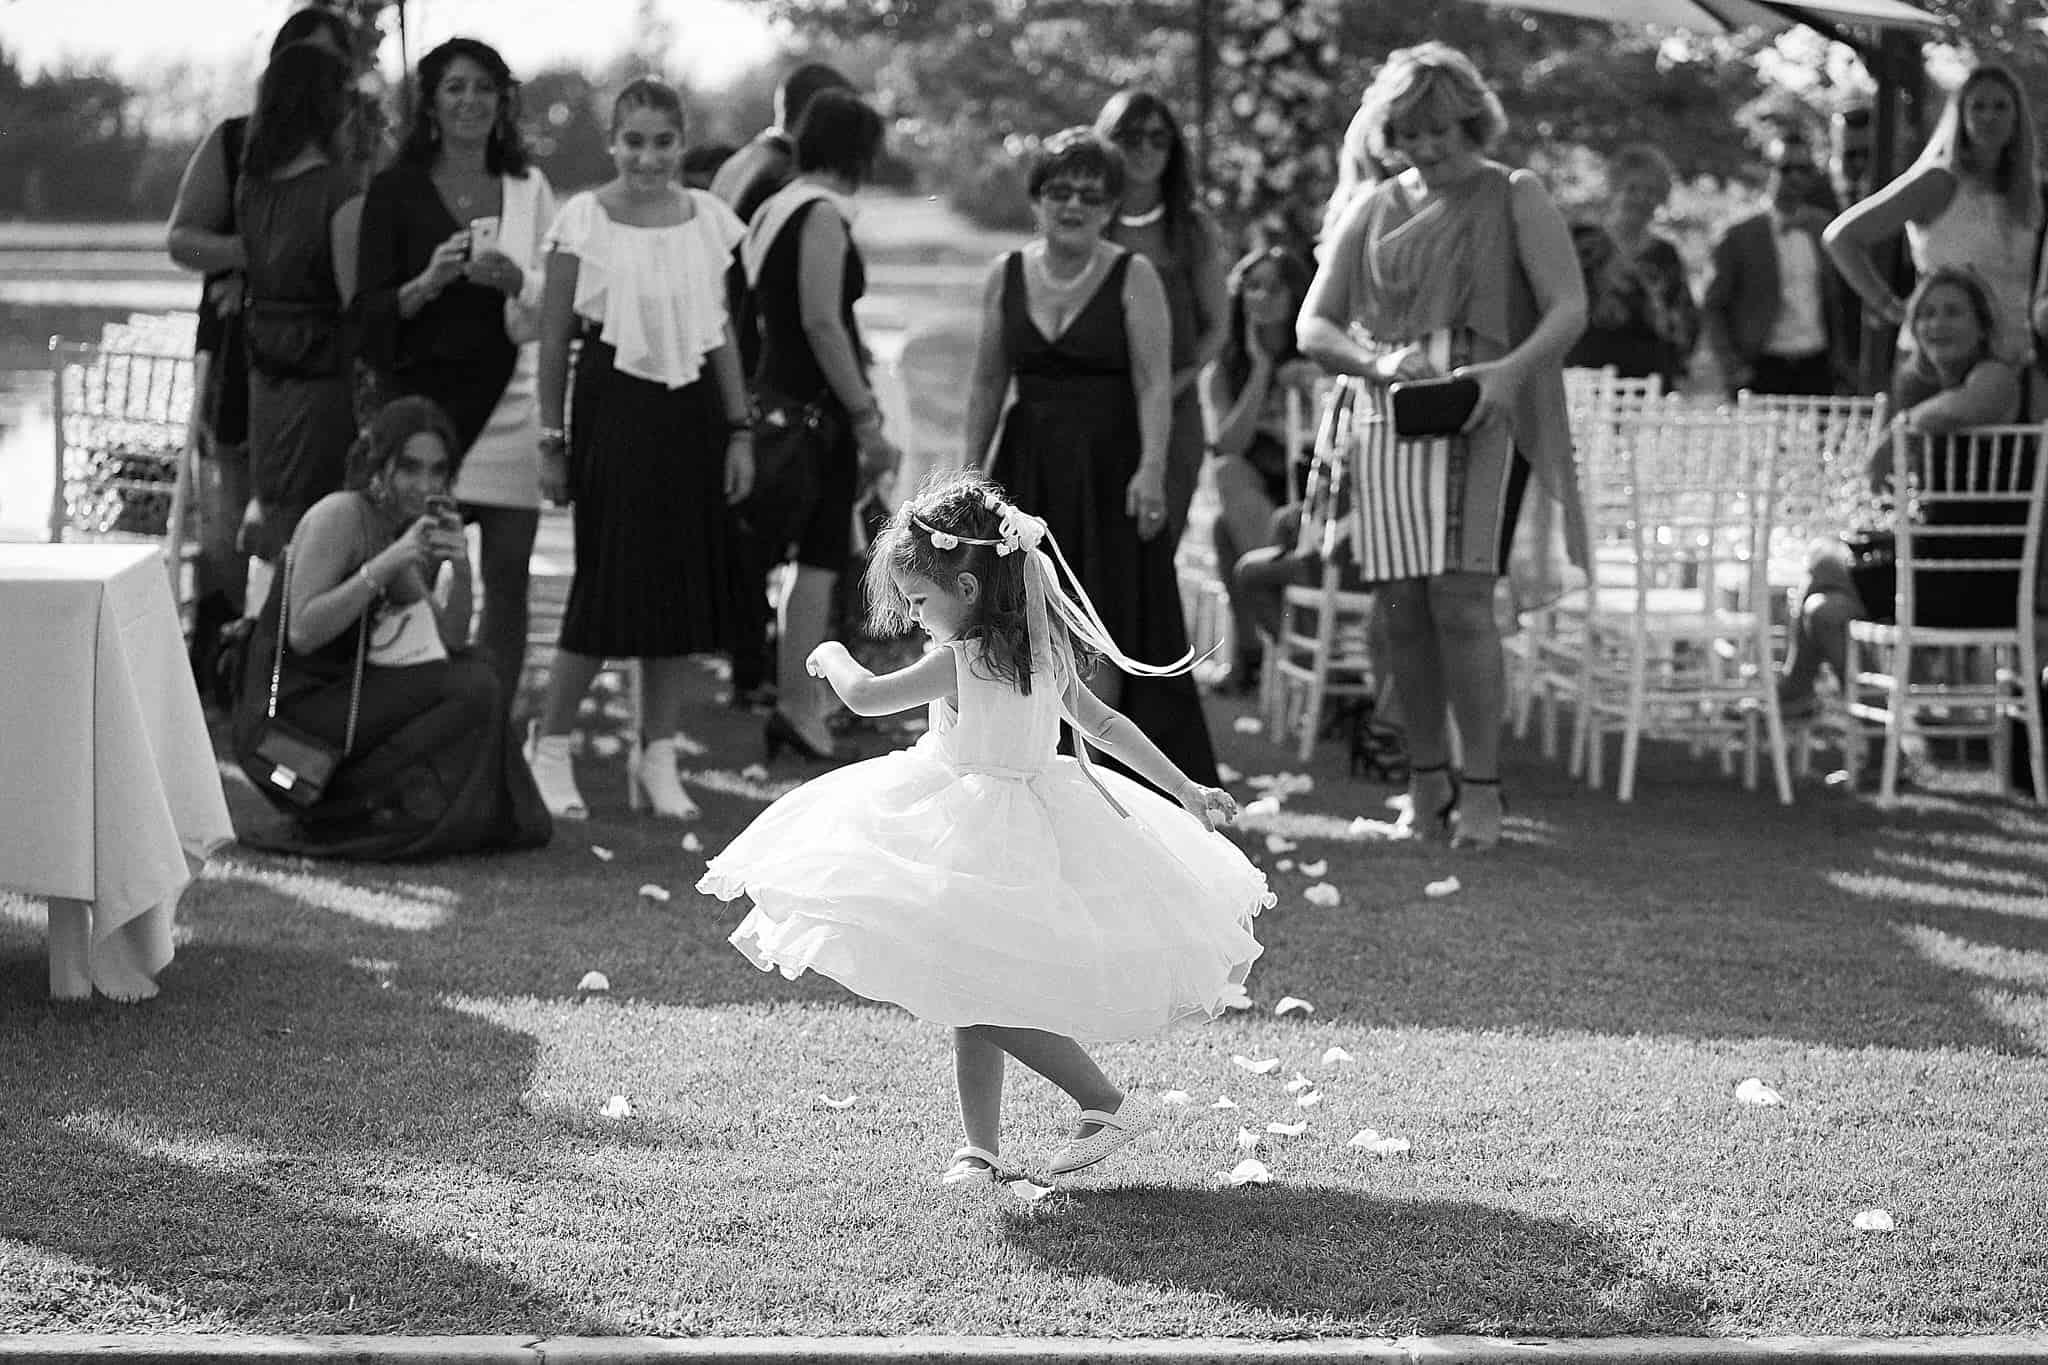 Bimba che balla in attesa degli sposi, Sony A9